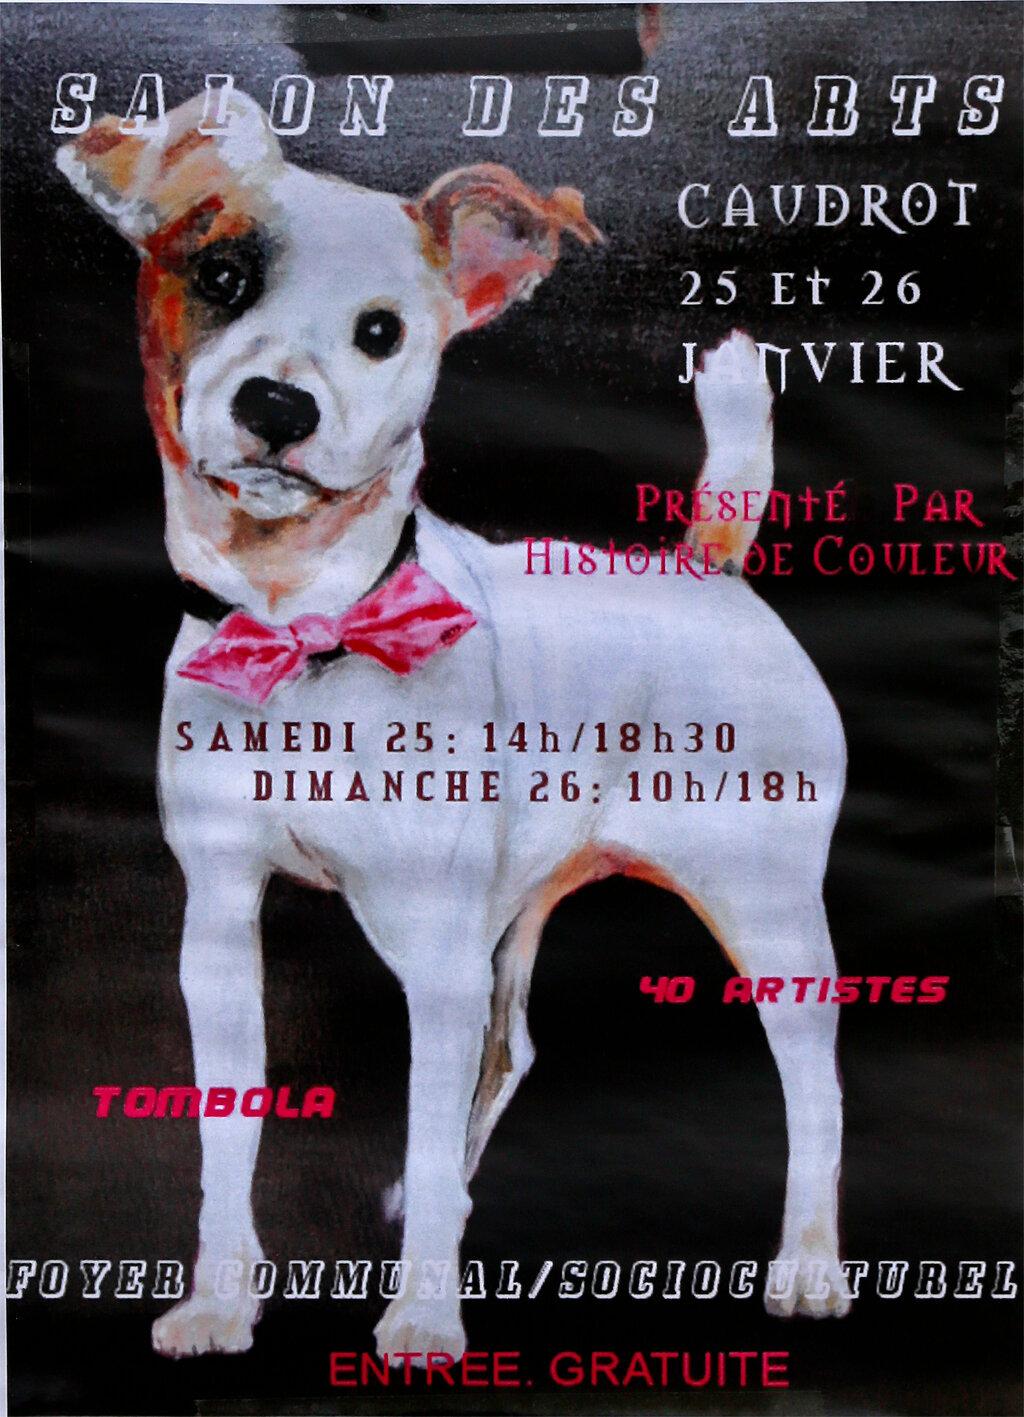 Affiche Salon des Arts 25-26 janvier 2020